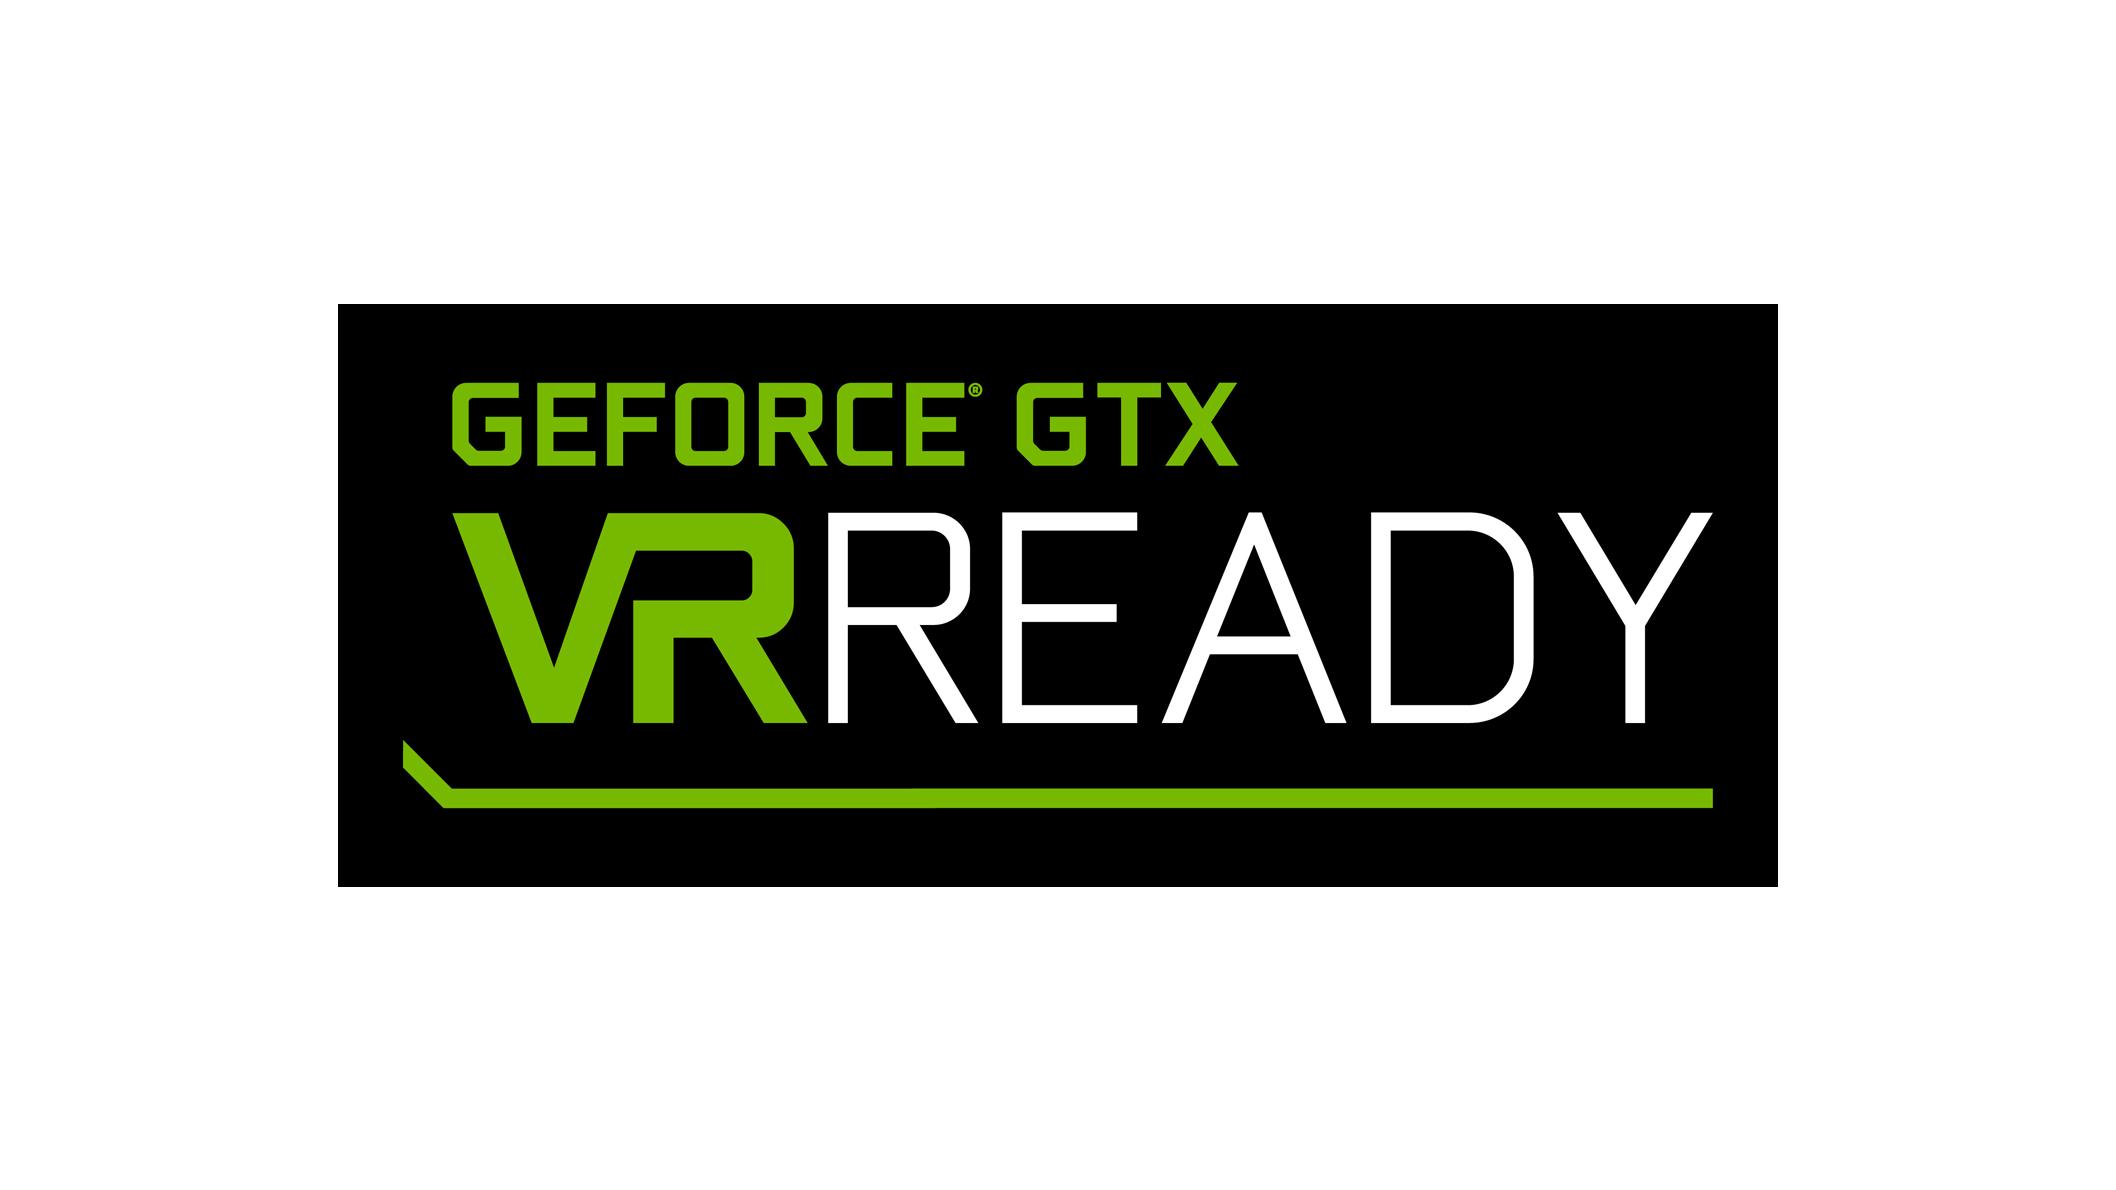 Logo GEFORCEGTX compatible avec la réalité virtuelle